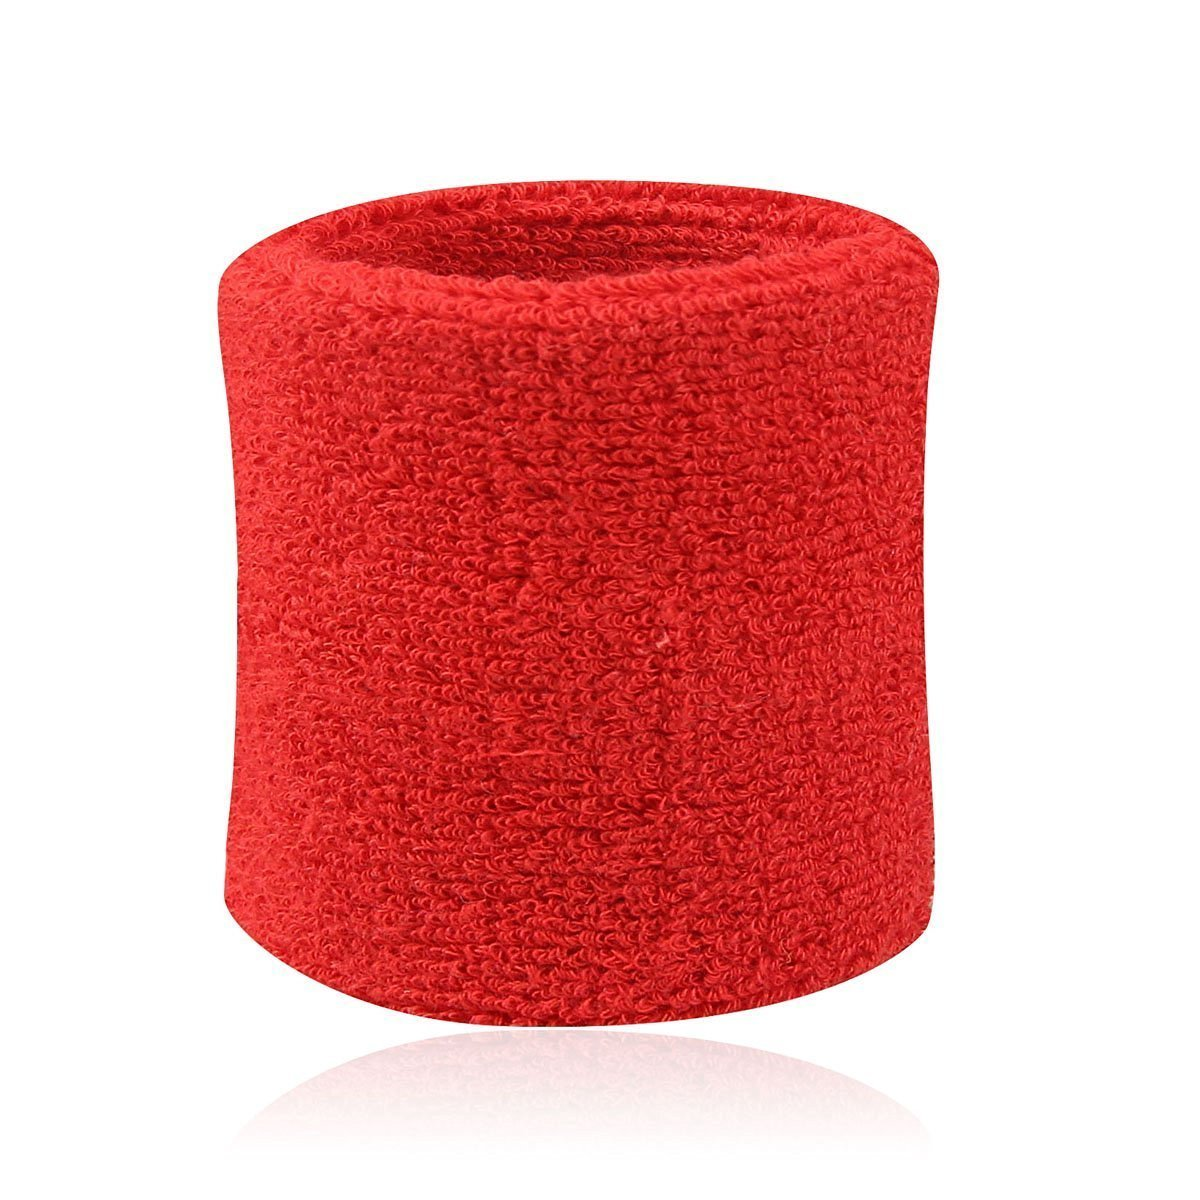 Westeng professionelles Schwei/ßband Armband f/ür Sport verschiedene Farben Handgelenkbandage Yoga Baumwoll-Frottee